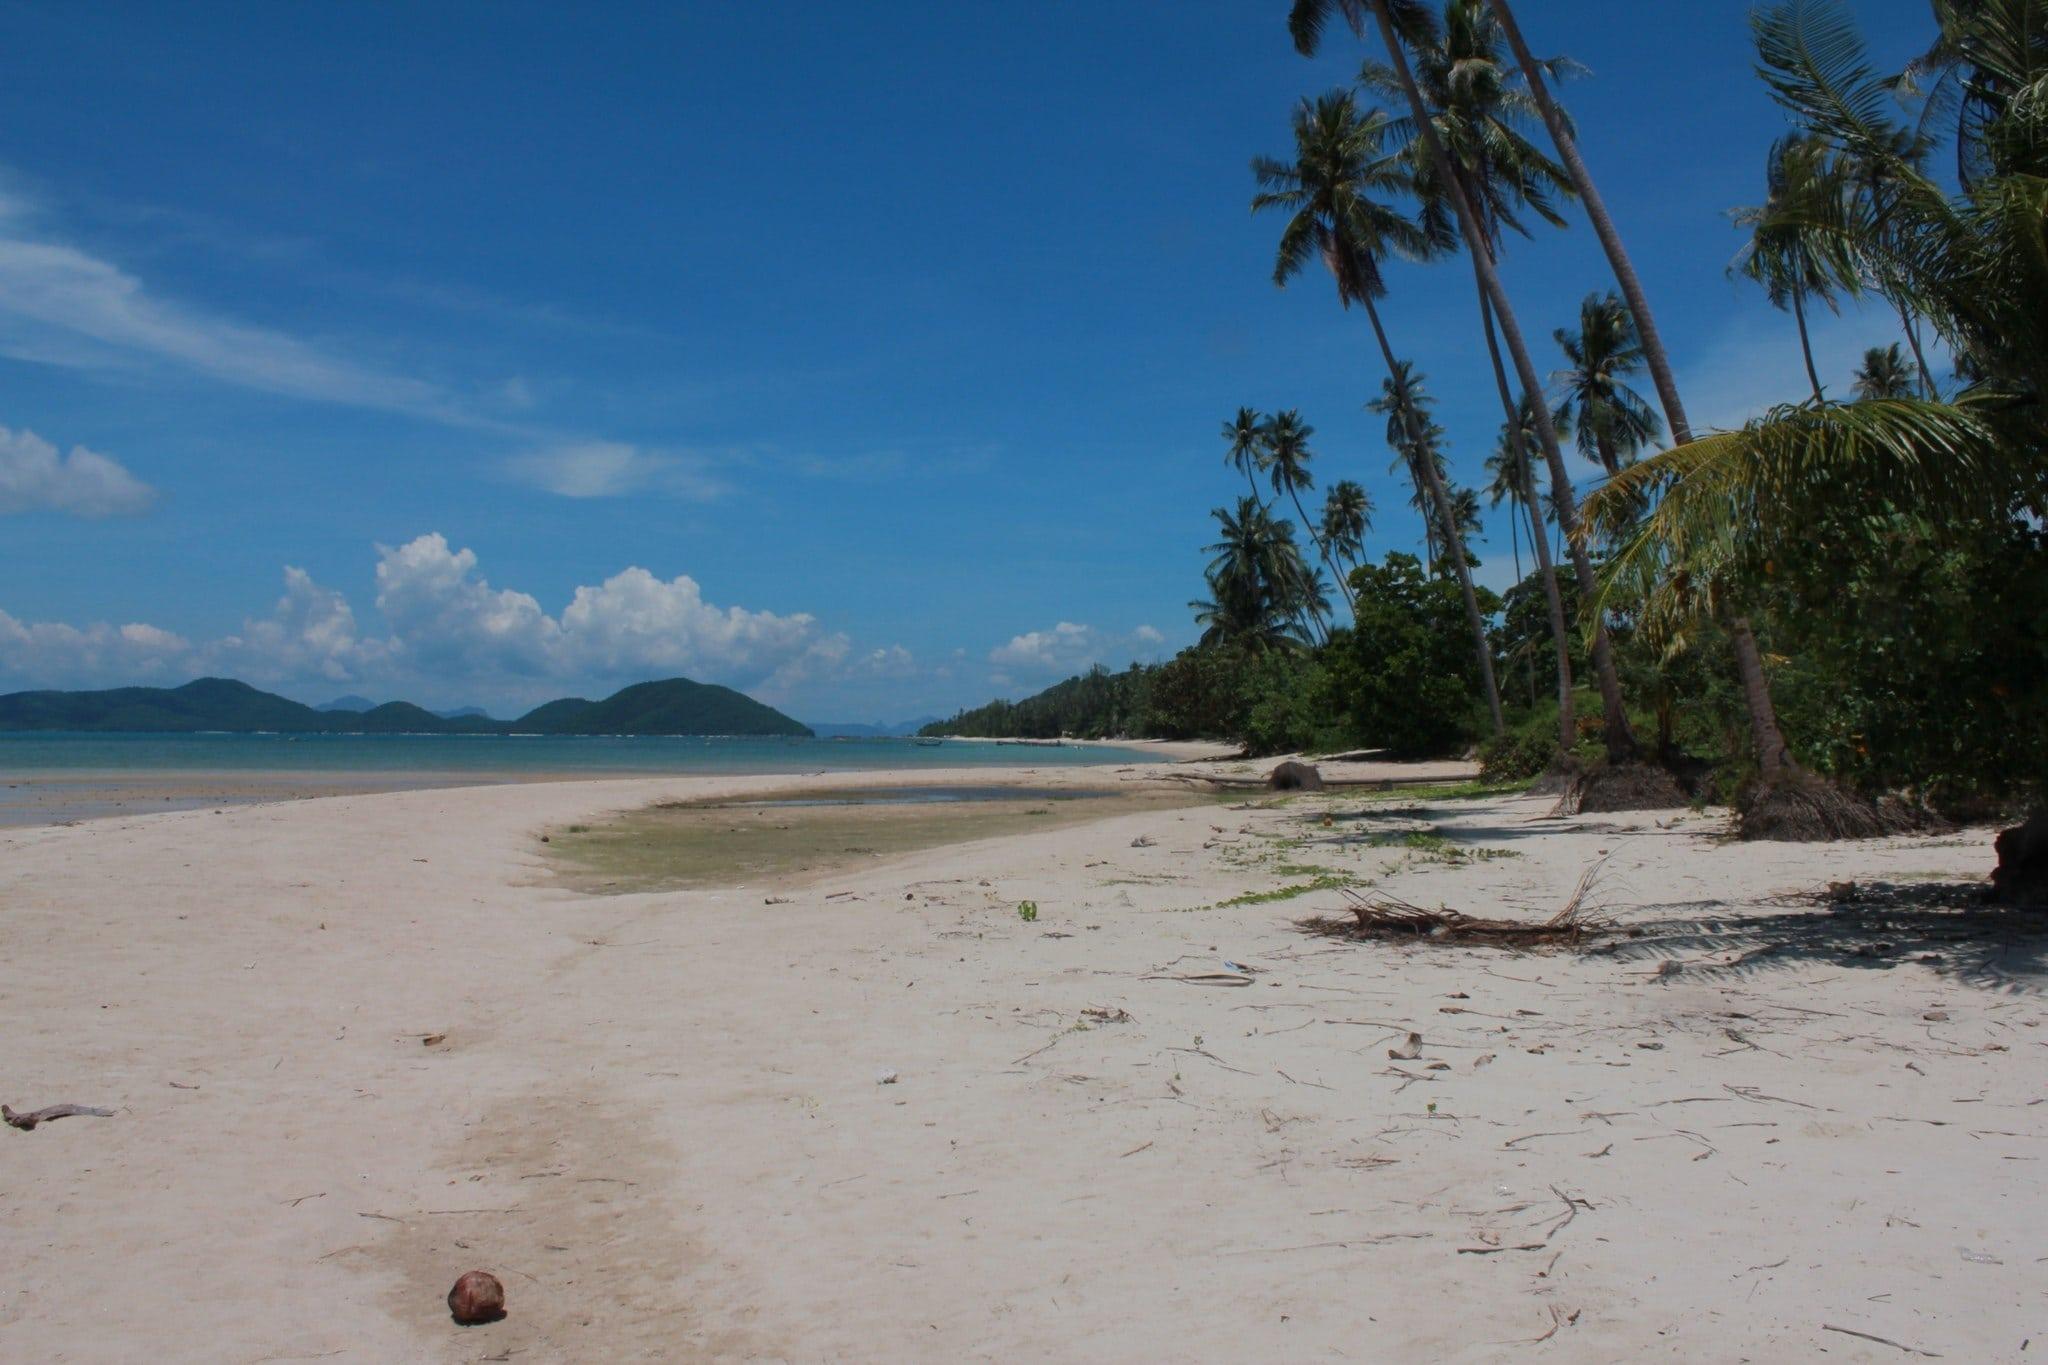 Koh Samui Beach | Vegan Guide to Koh Samui